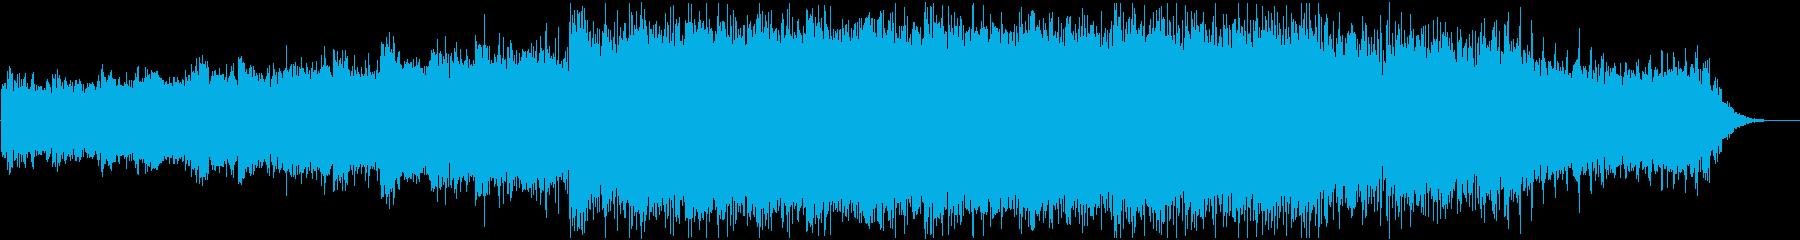 ヒーリング系BGMです(BPM80)の再生済みの波形